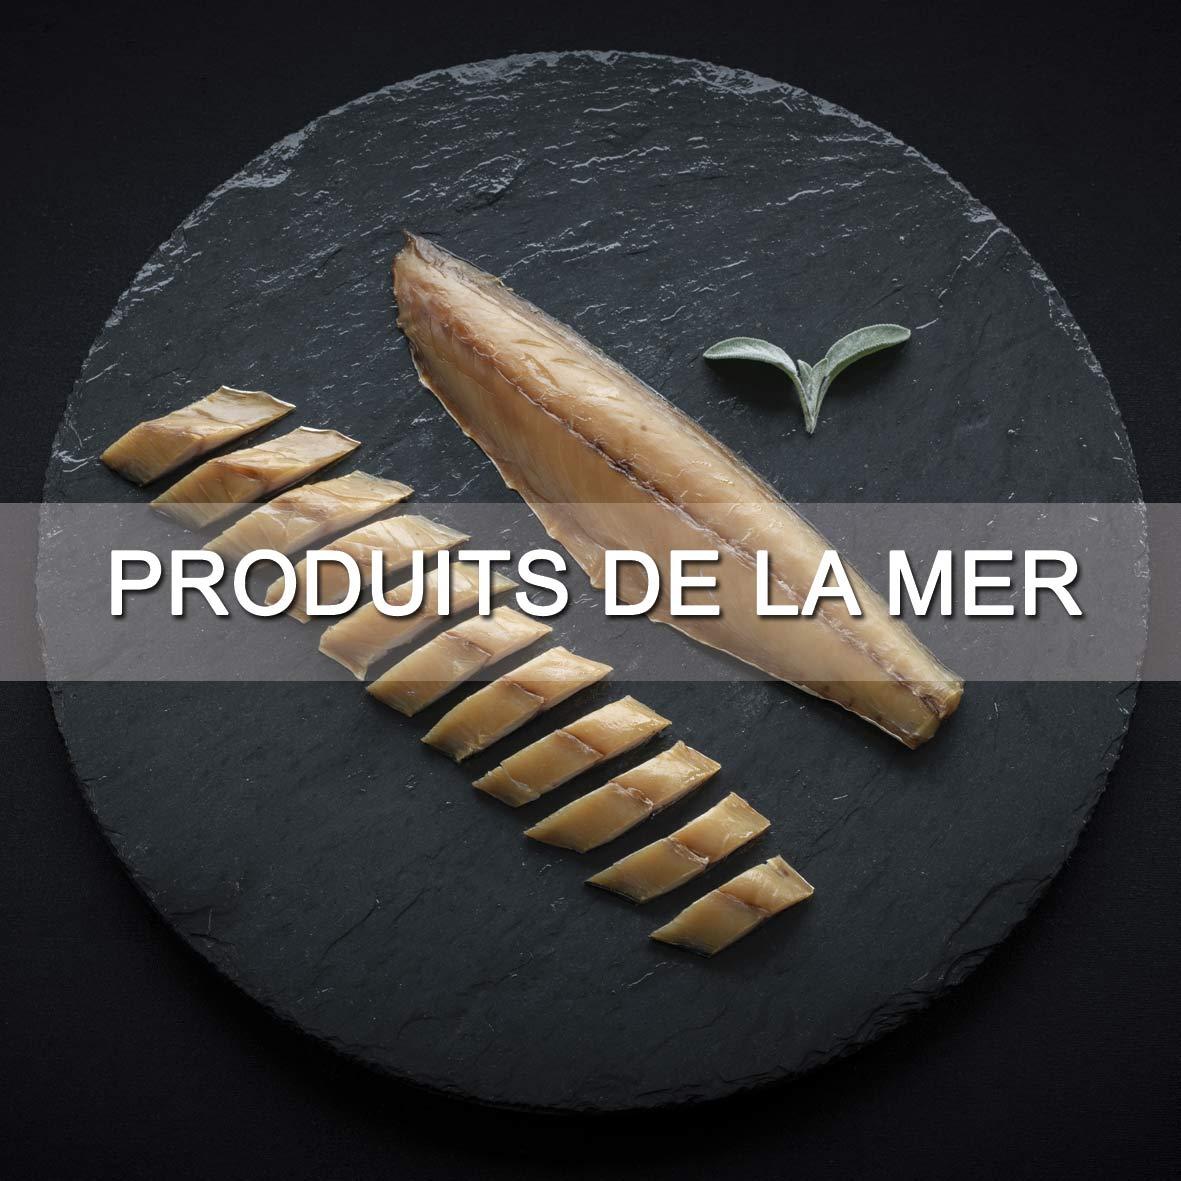 Le Fumoir de Saint-Cast vous présente ses produits d'épicerie fine salés : Produits de la mer